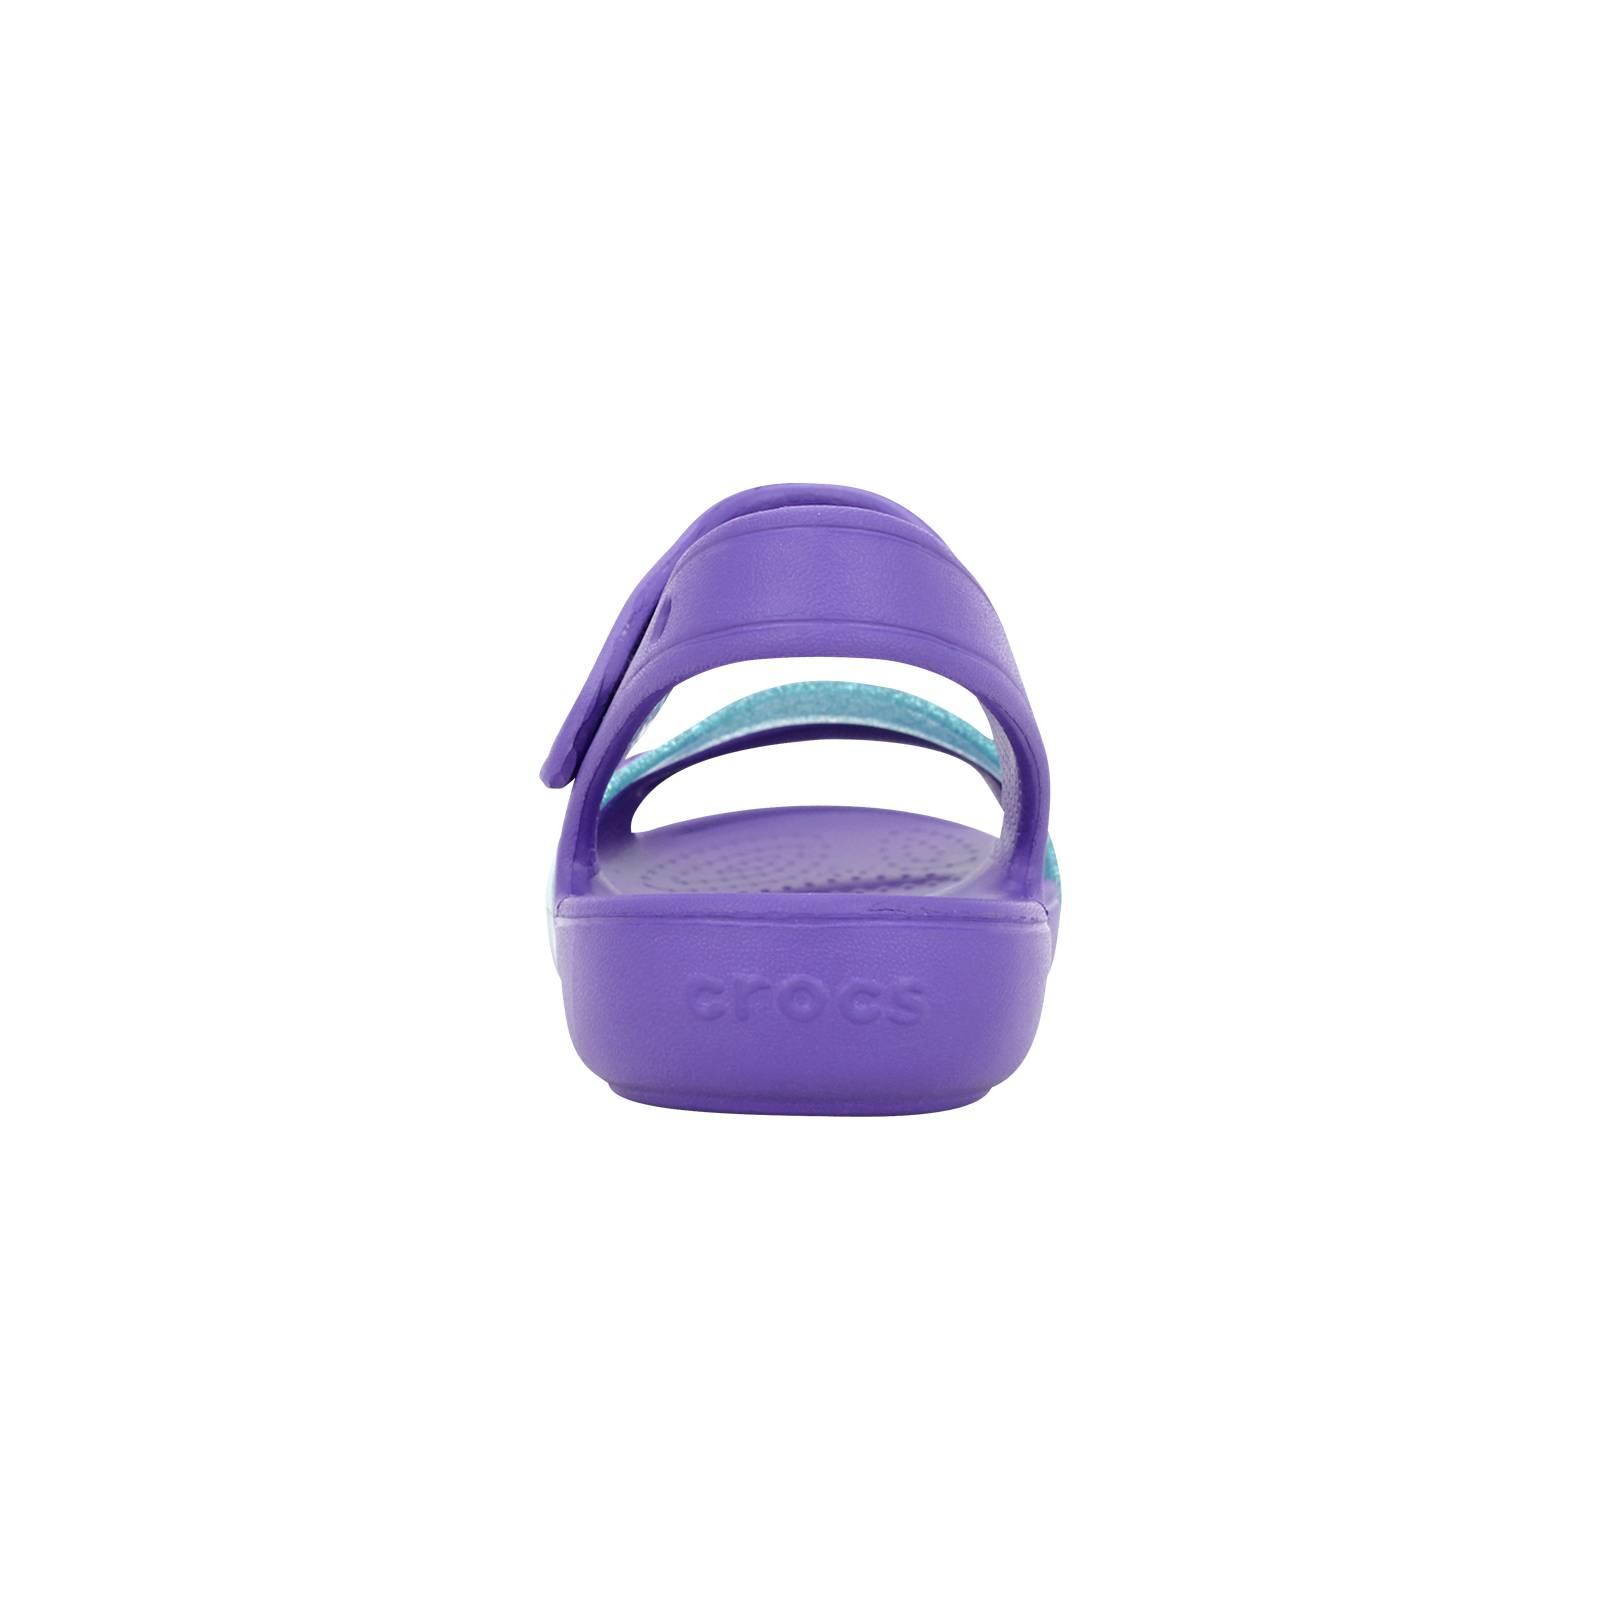 873f6eaf2ad1 Crocs Luna Frozen Sandal S - Crocs Kids  sandals made of croslite ...